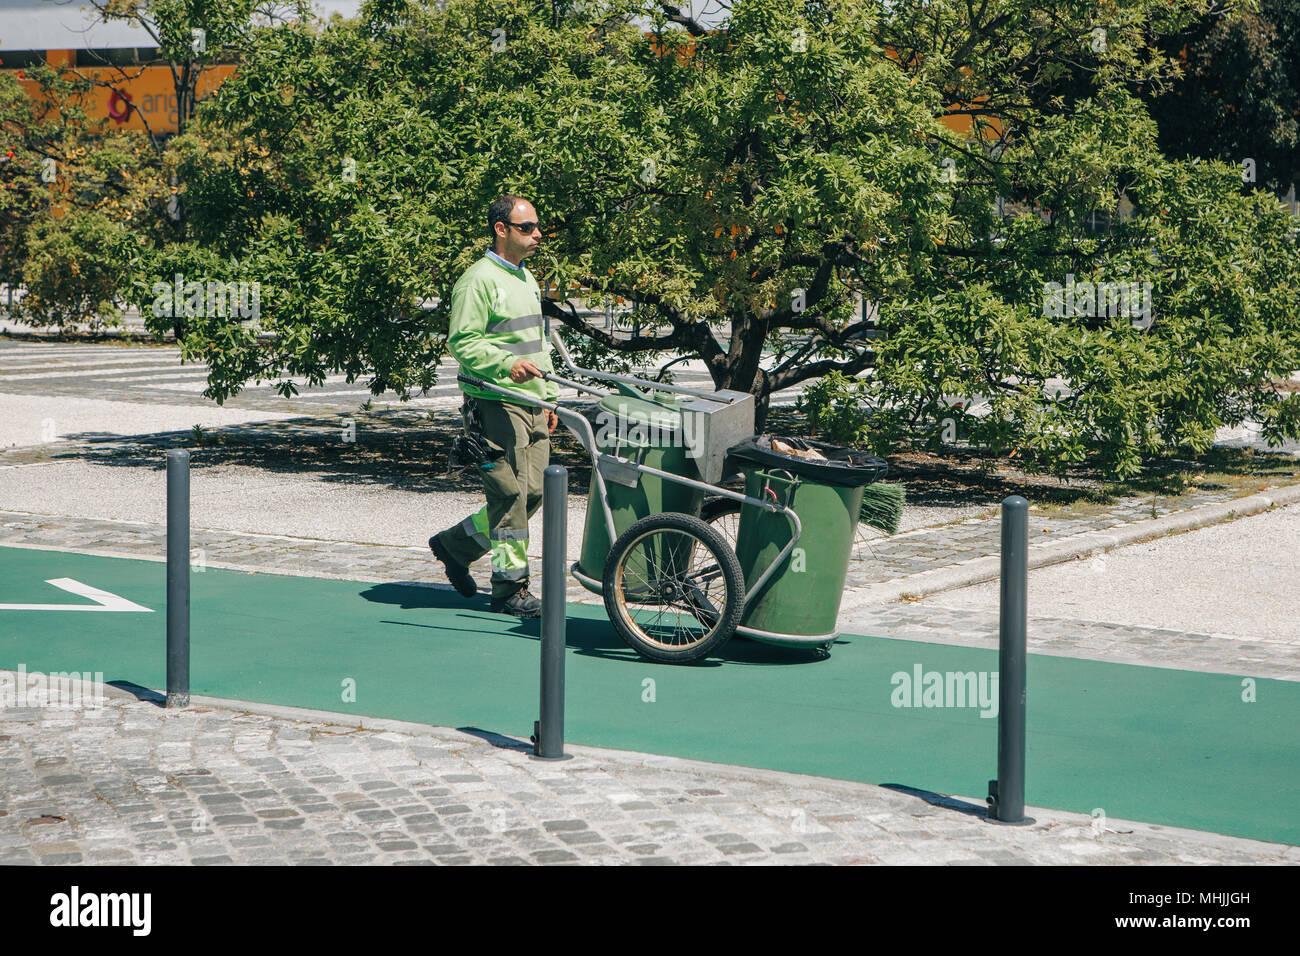 Lisbonne, 25 avril 2018: un nettoyeur professionnel travaille sur une rue de la ville. Nettoyage du territoire et en prenant soin de bien-être écologique. Banque D'Images